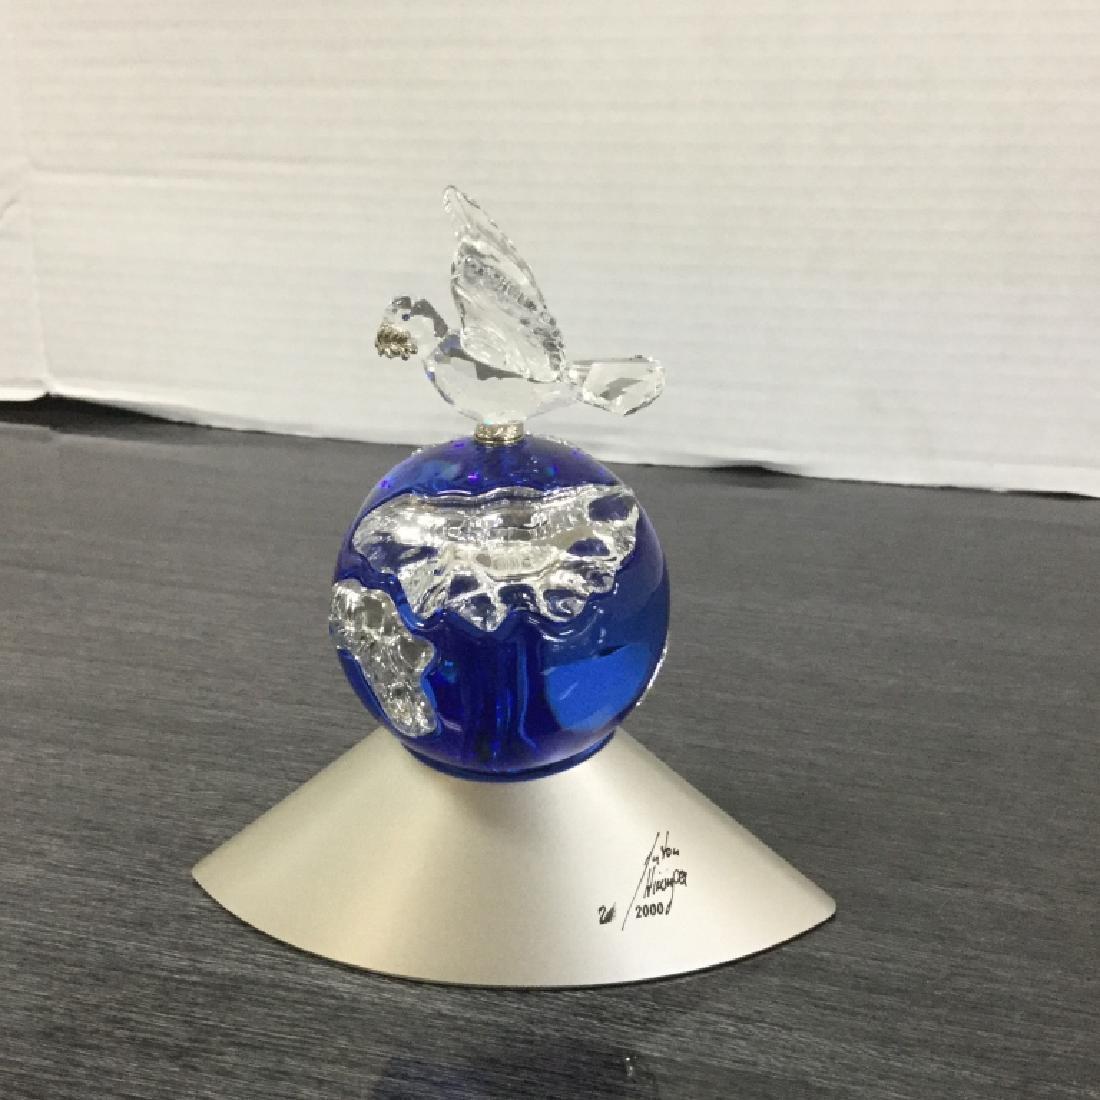 Swarovski Crystal Millennium Paperweight